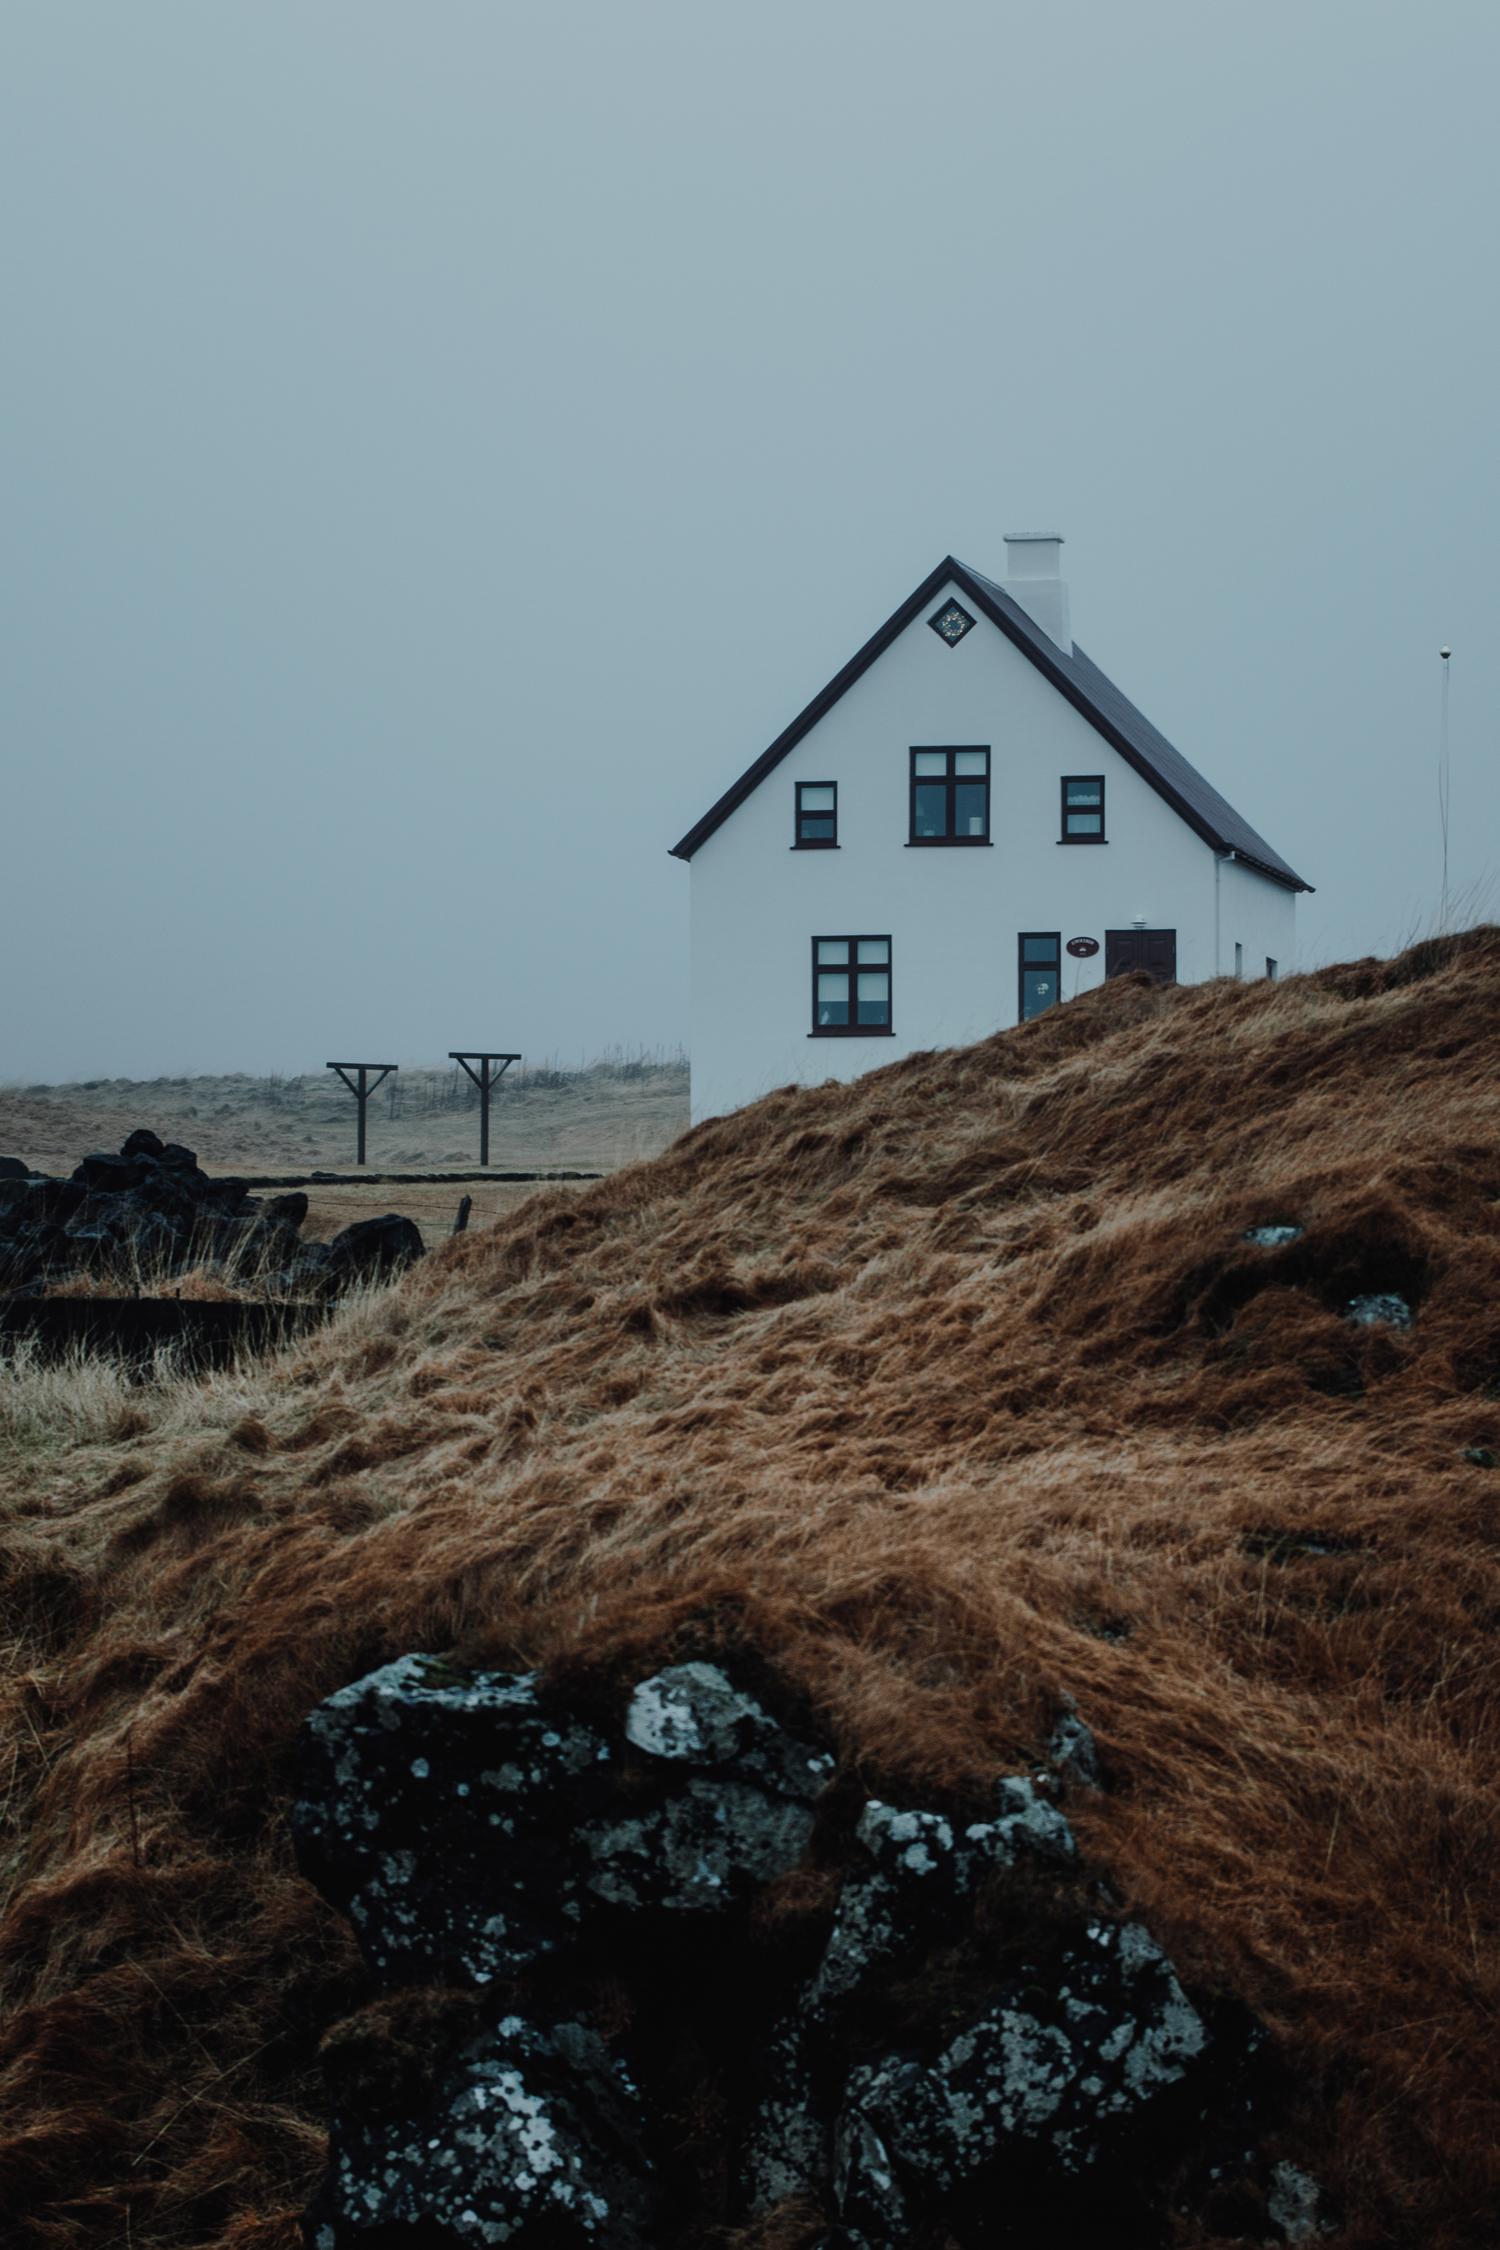 ingrid-liivaleht-islandil-photopoint-fototehnika-rent